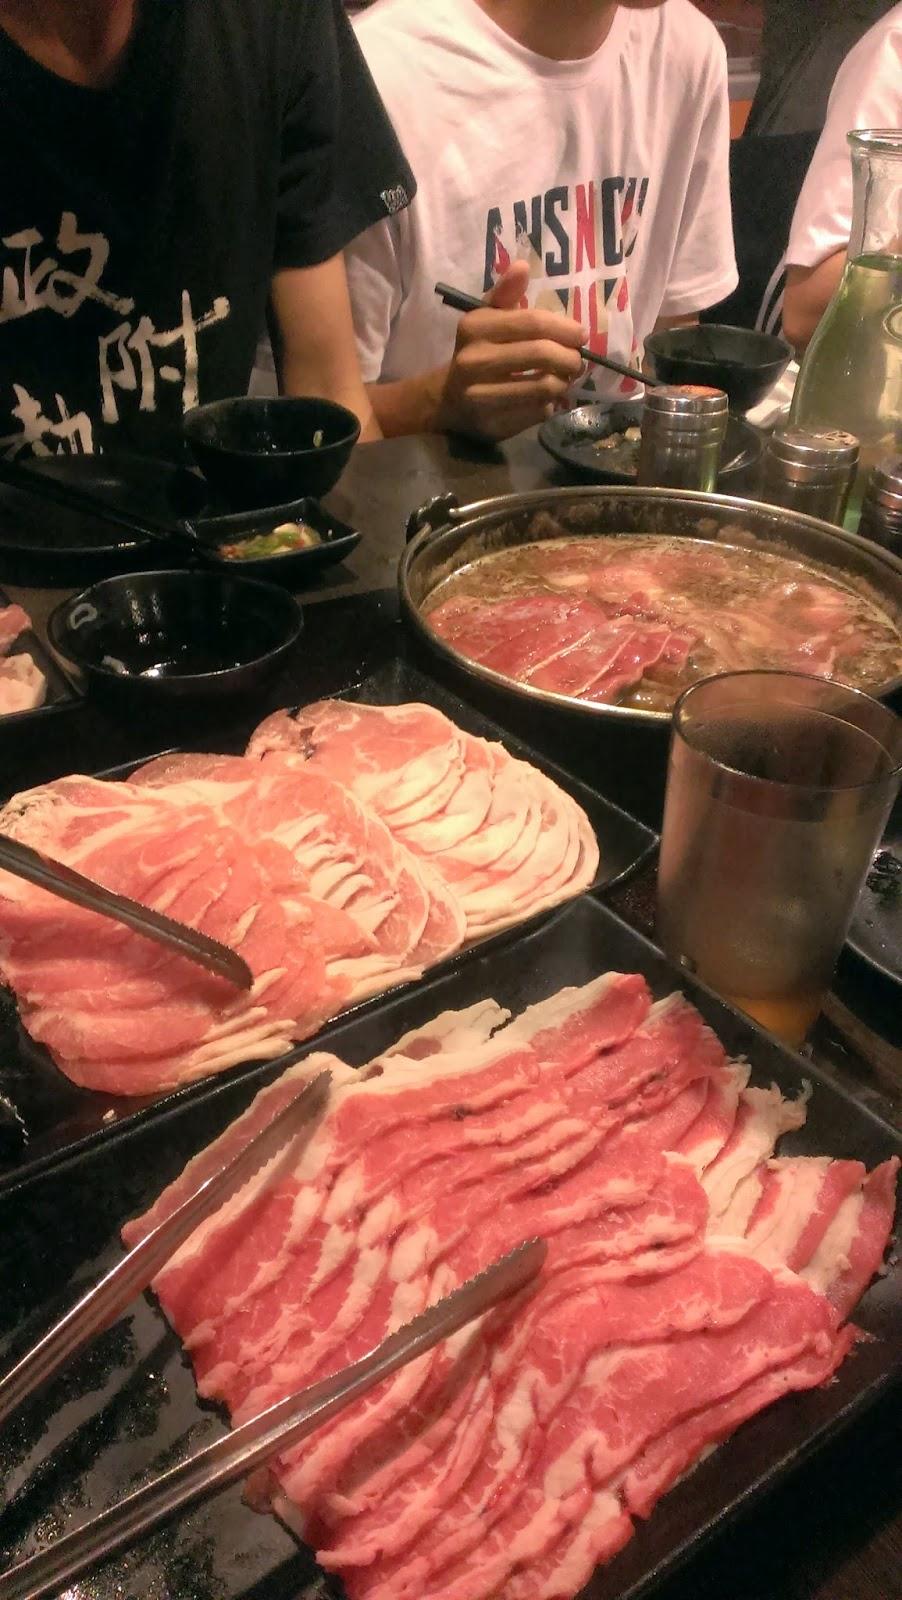 2014 11 09%2B17.29.22 - [食記] 潮肉壽喜燒 - 平價多樣的壽喜燒吃到飽